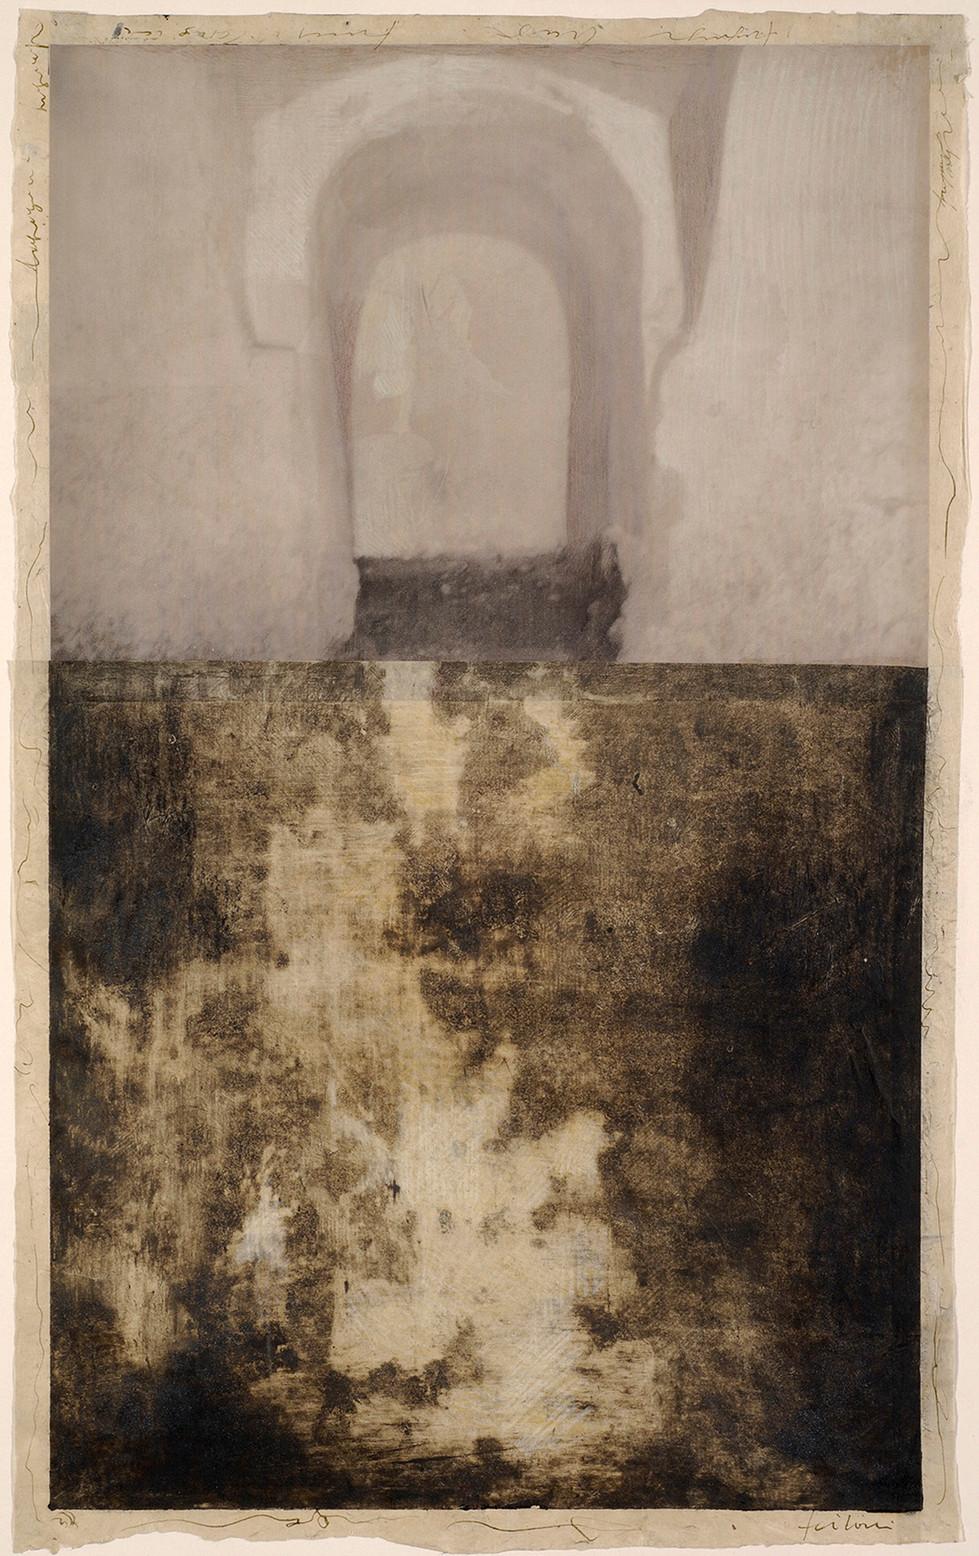 Senza titolo, 2006, tecnica mista su carta, cm 68 x 42